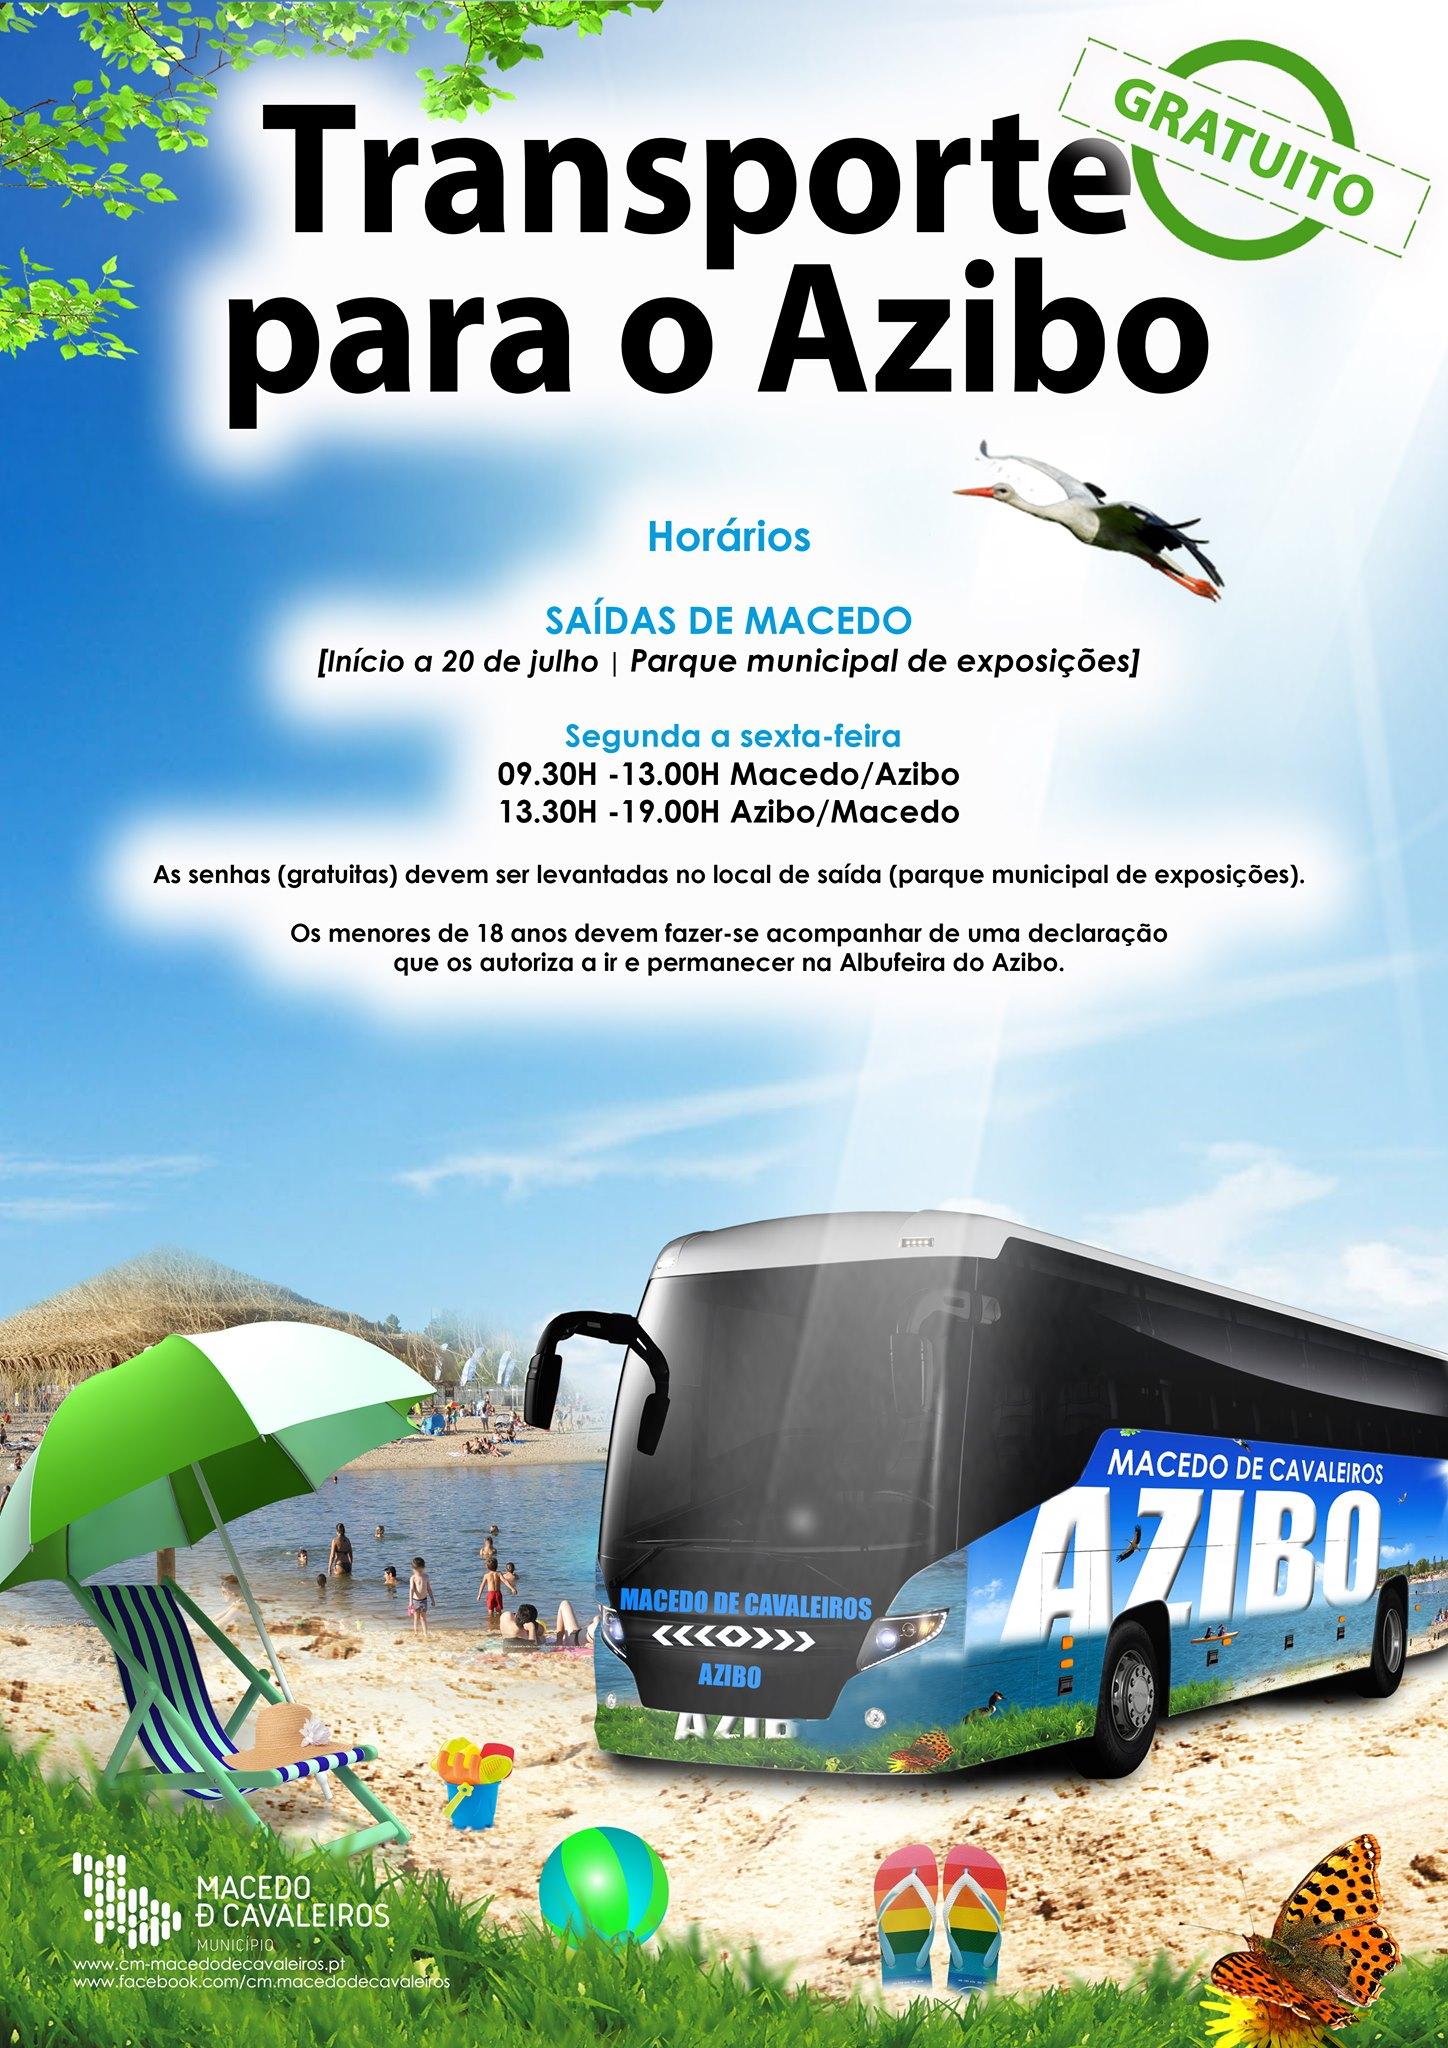 Transporte gratuito para as praias do Azibo começa hoje